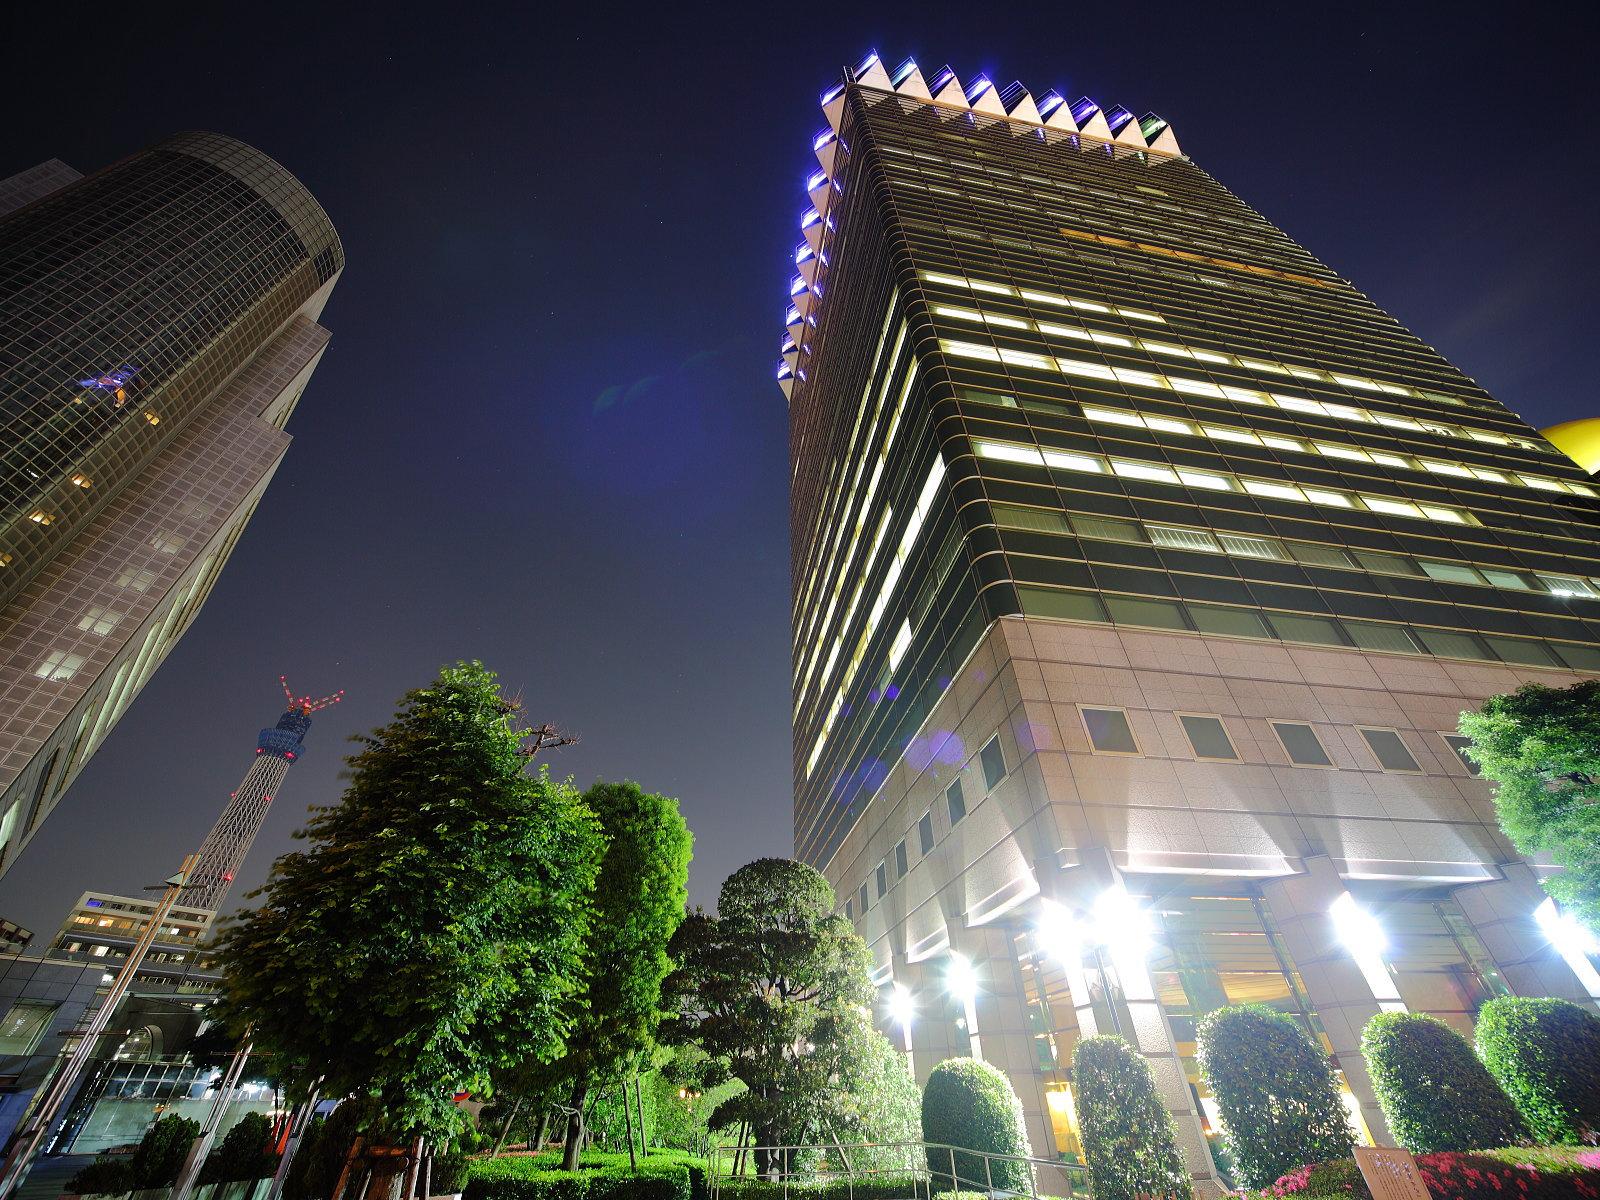 東京スカイツリーの写真 夜景無料壁紙 東京の夜景写真壁紙を無料でダウンロード